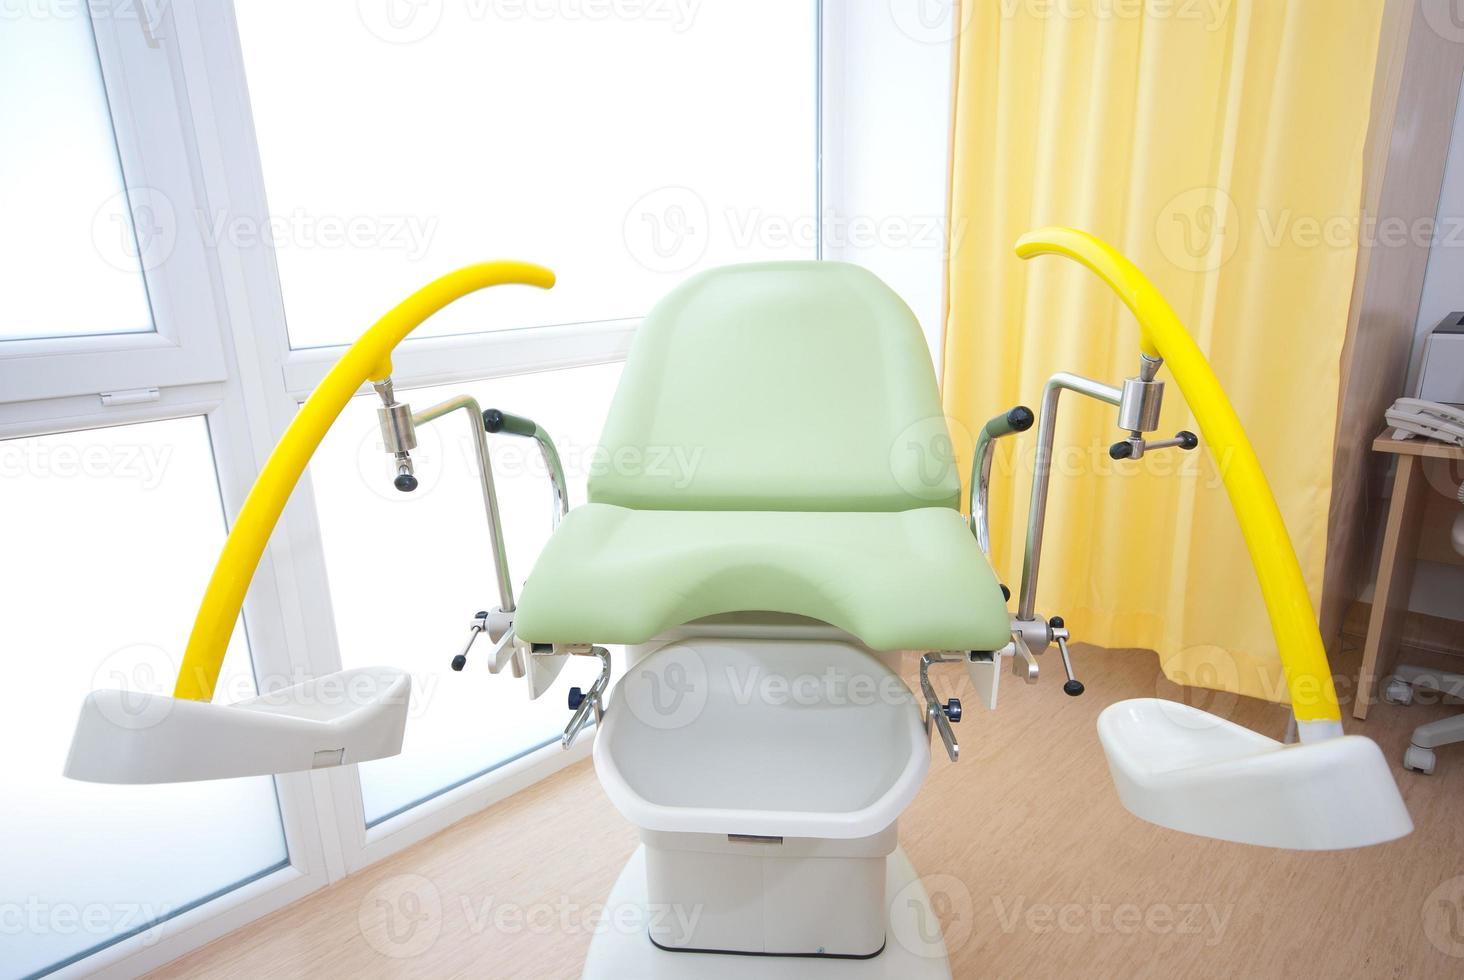 cama ginecológica foto